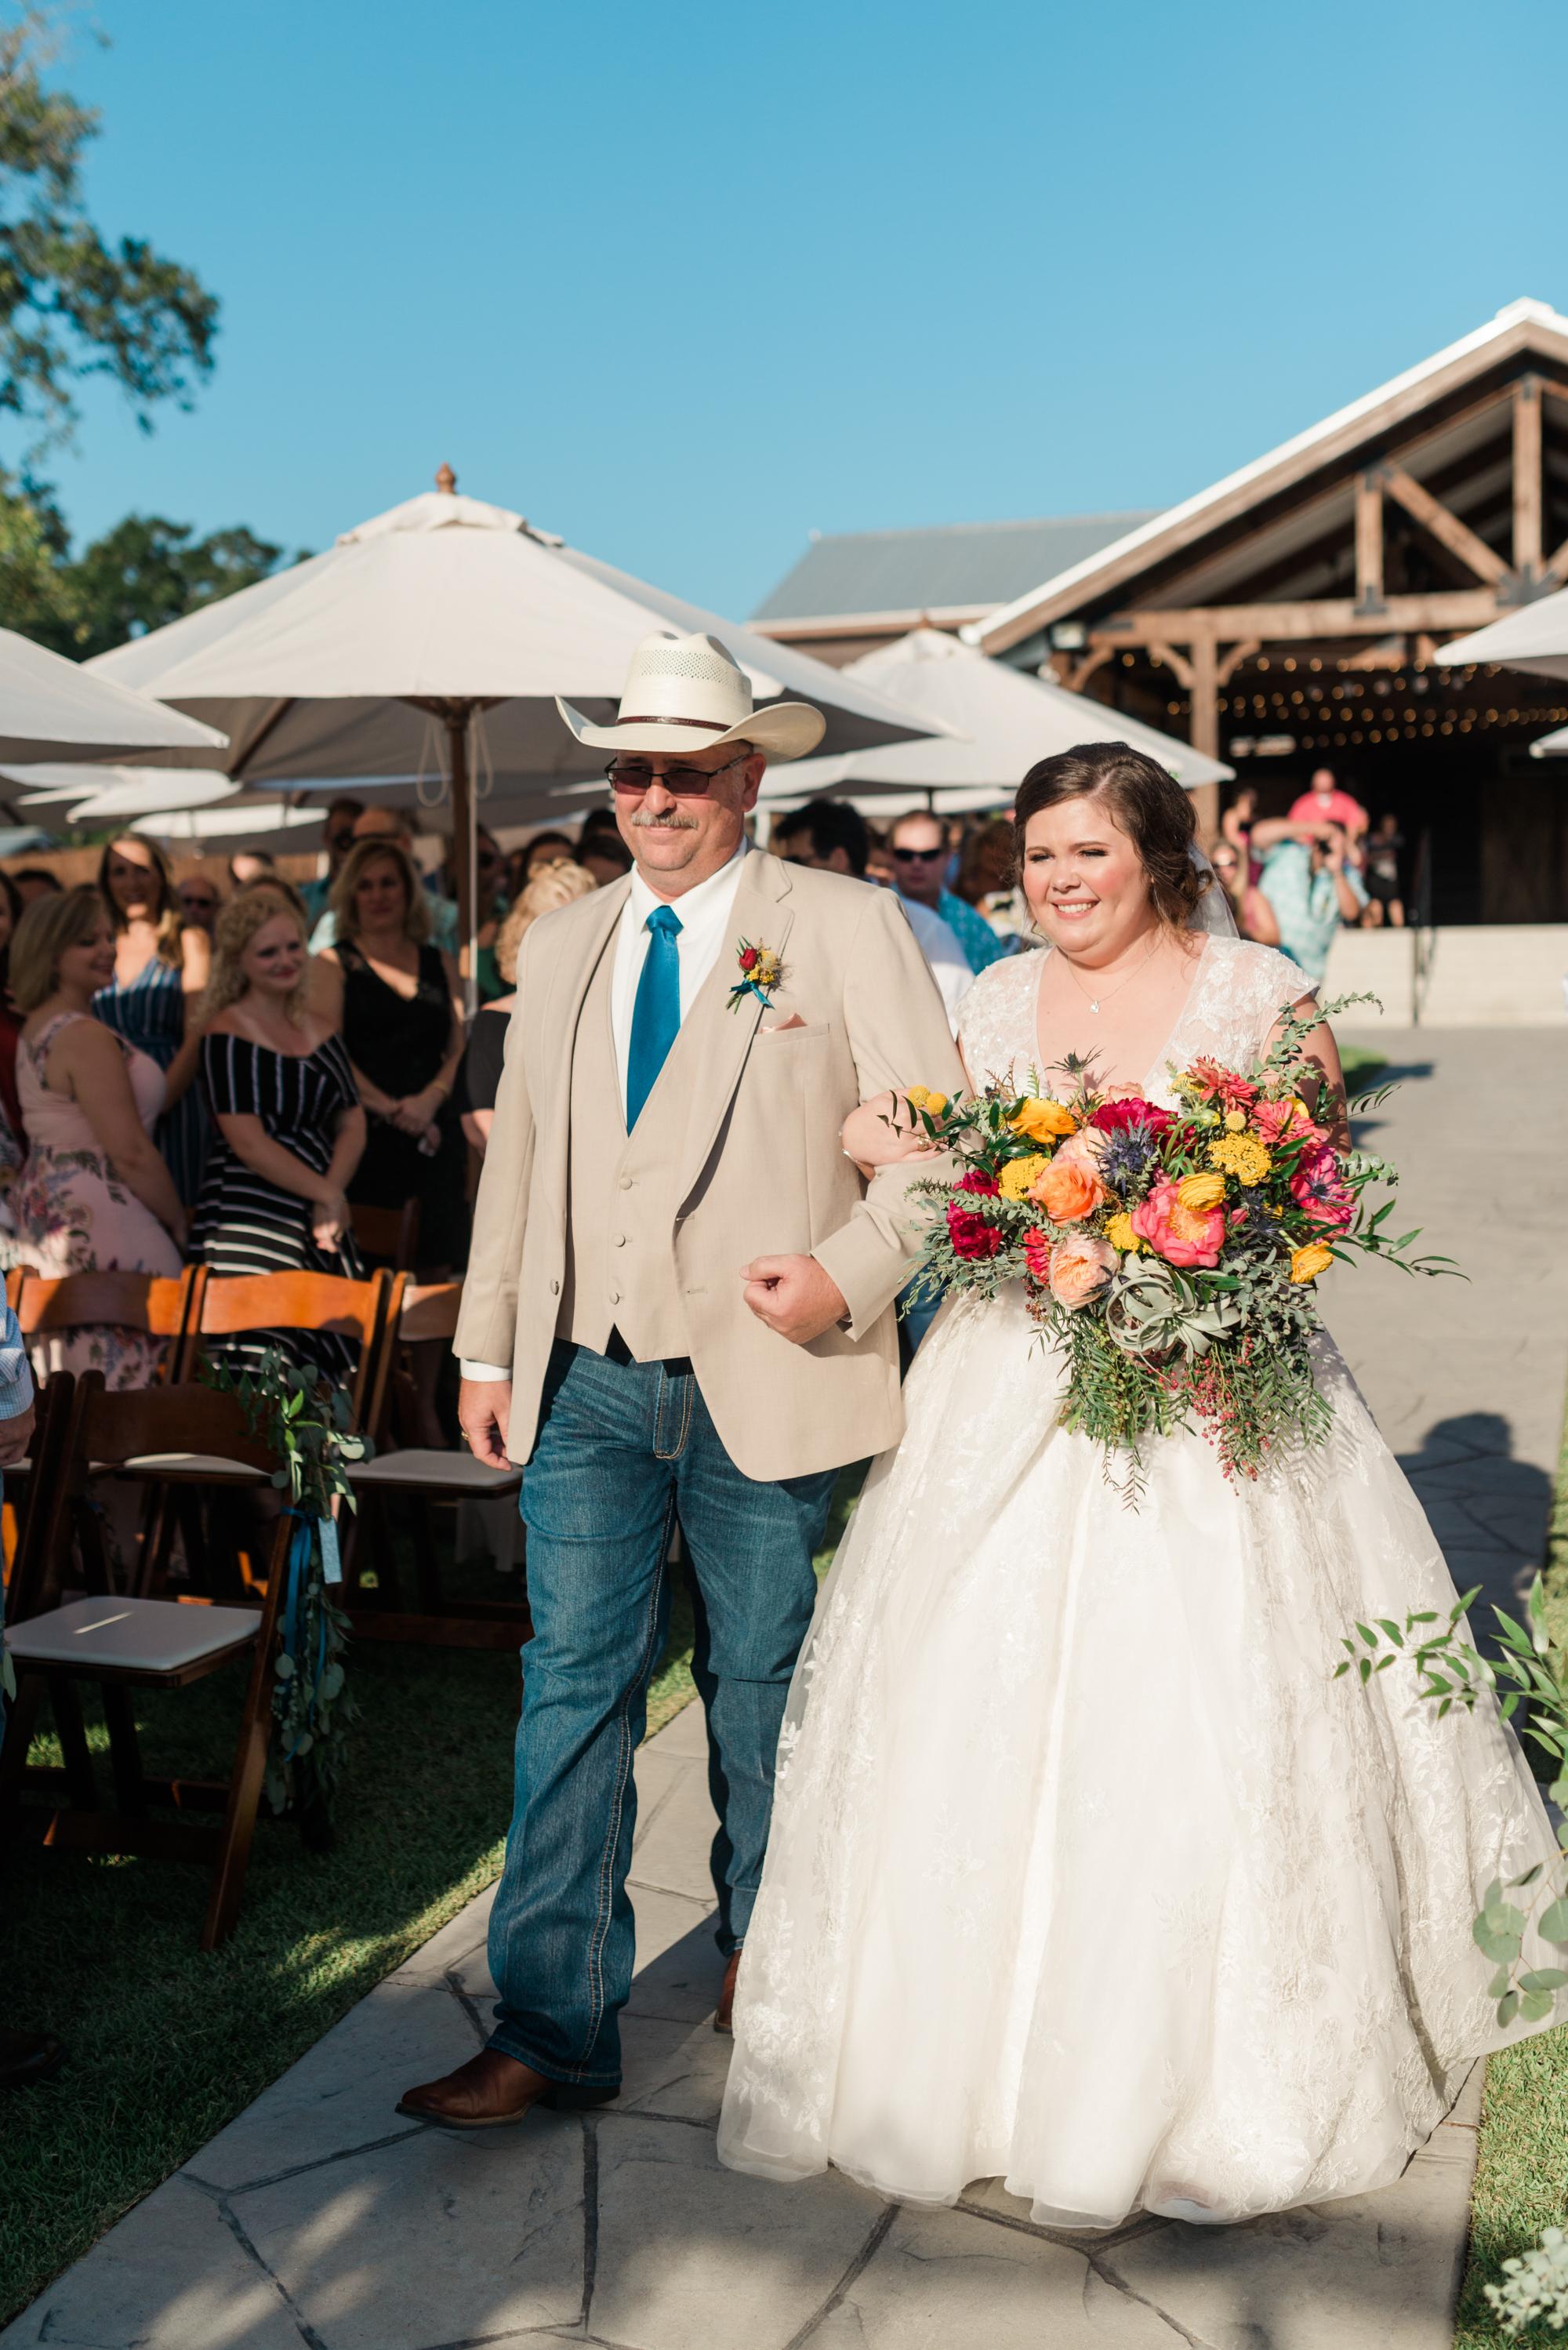 Wesley-Wedding-Ten23-Photography-518.jpg